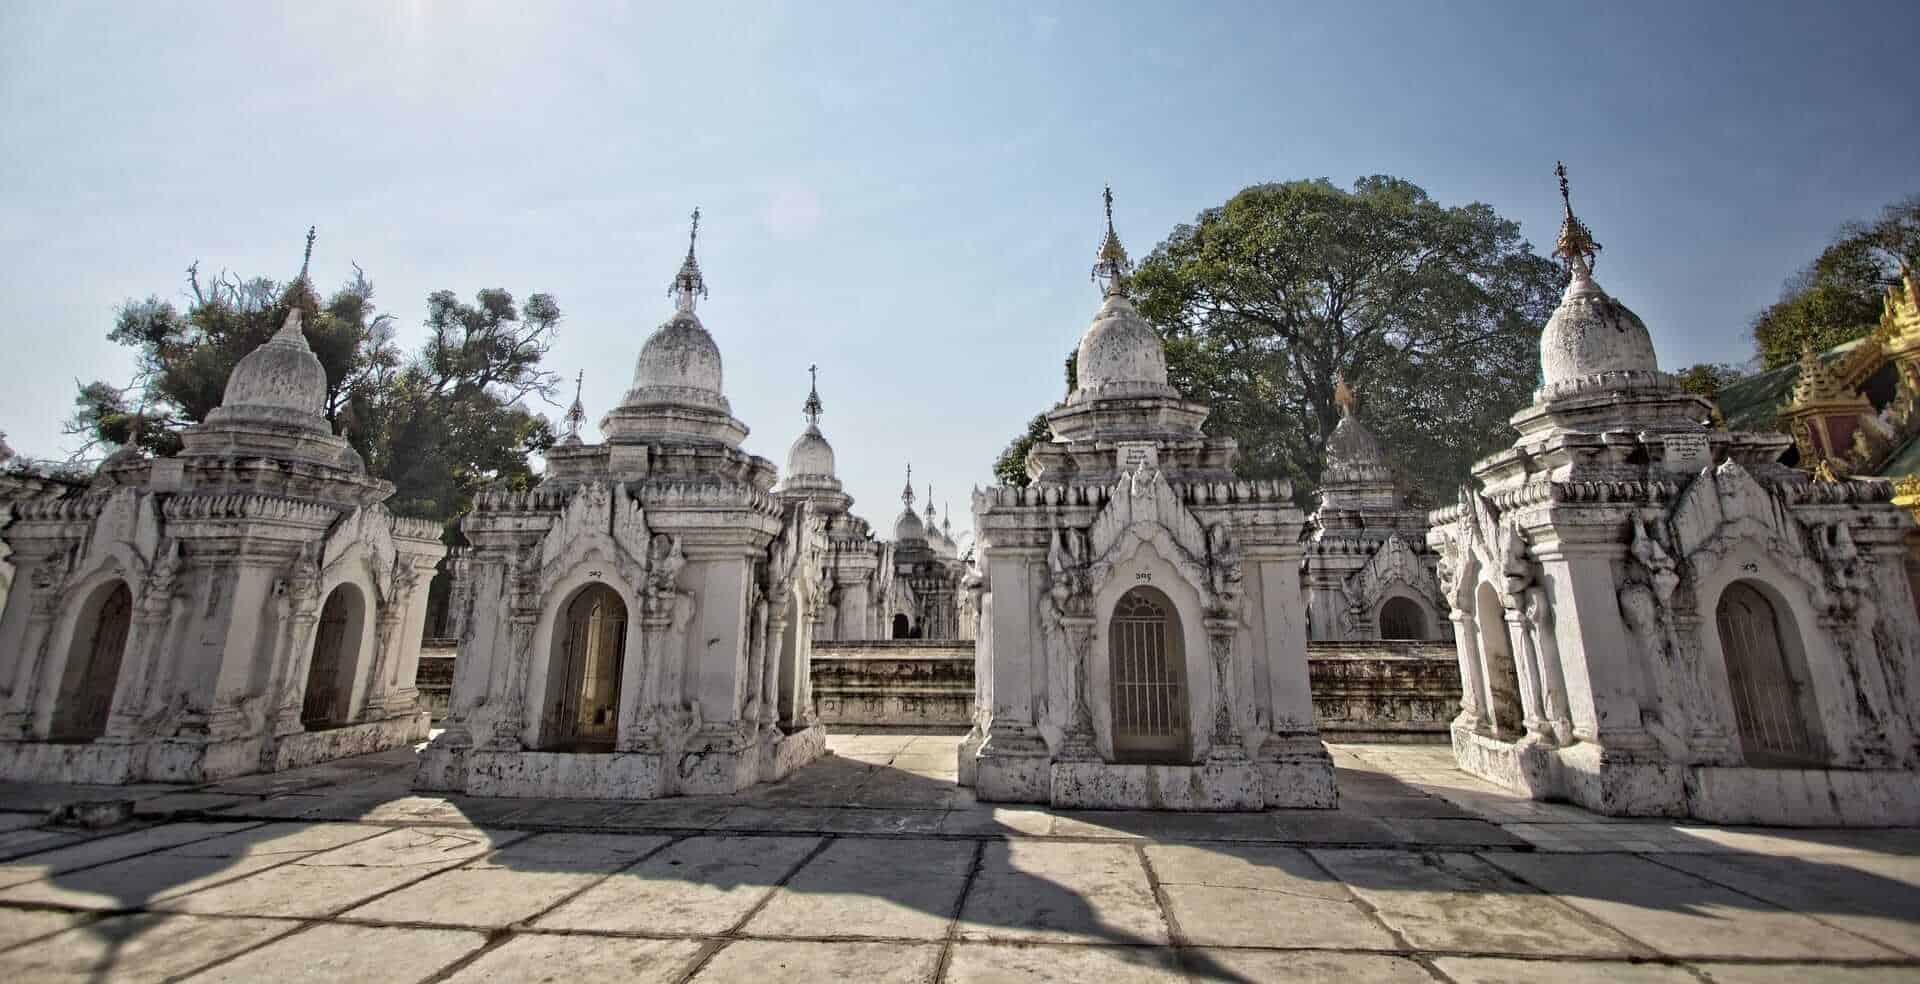 Kuthodaw Pagoda, Mandalay, Myanmar (Burma)